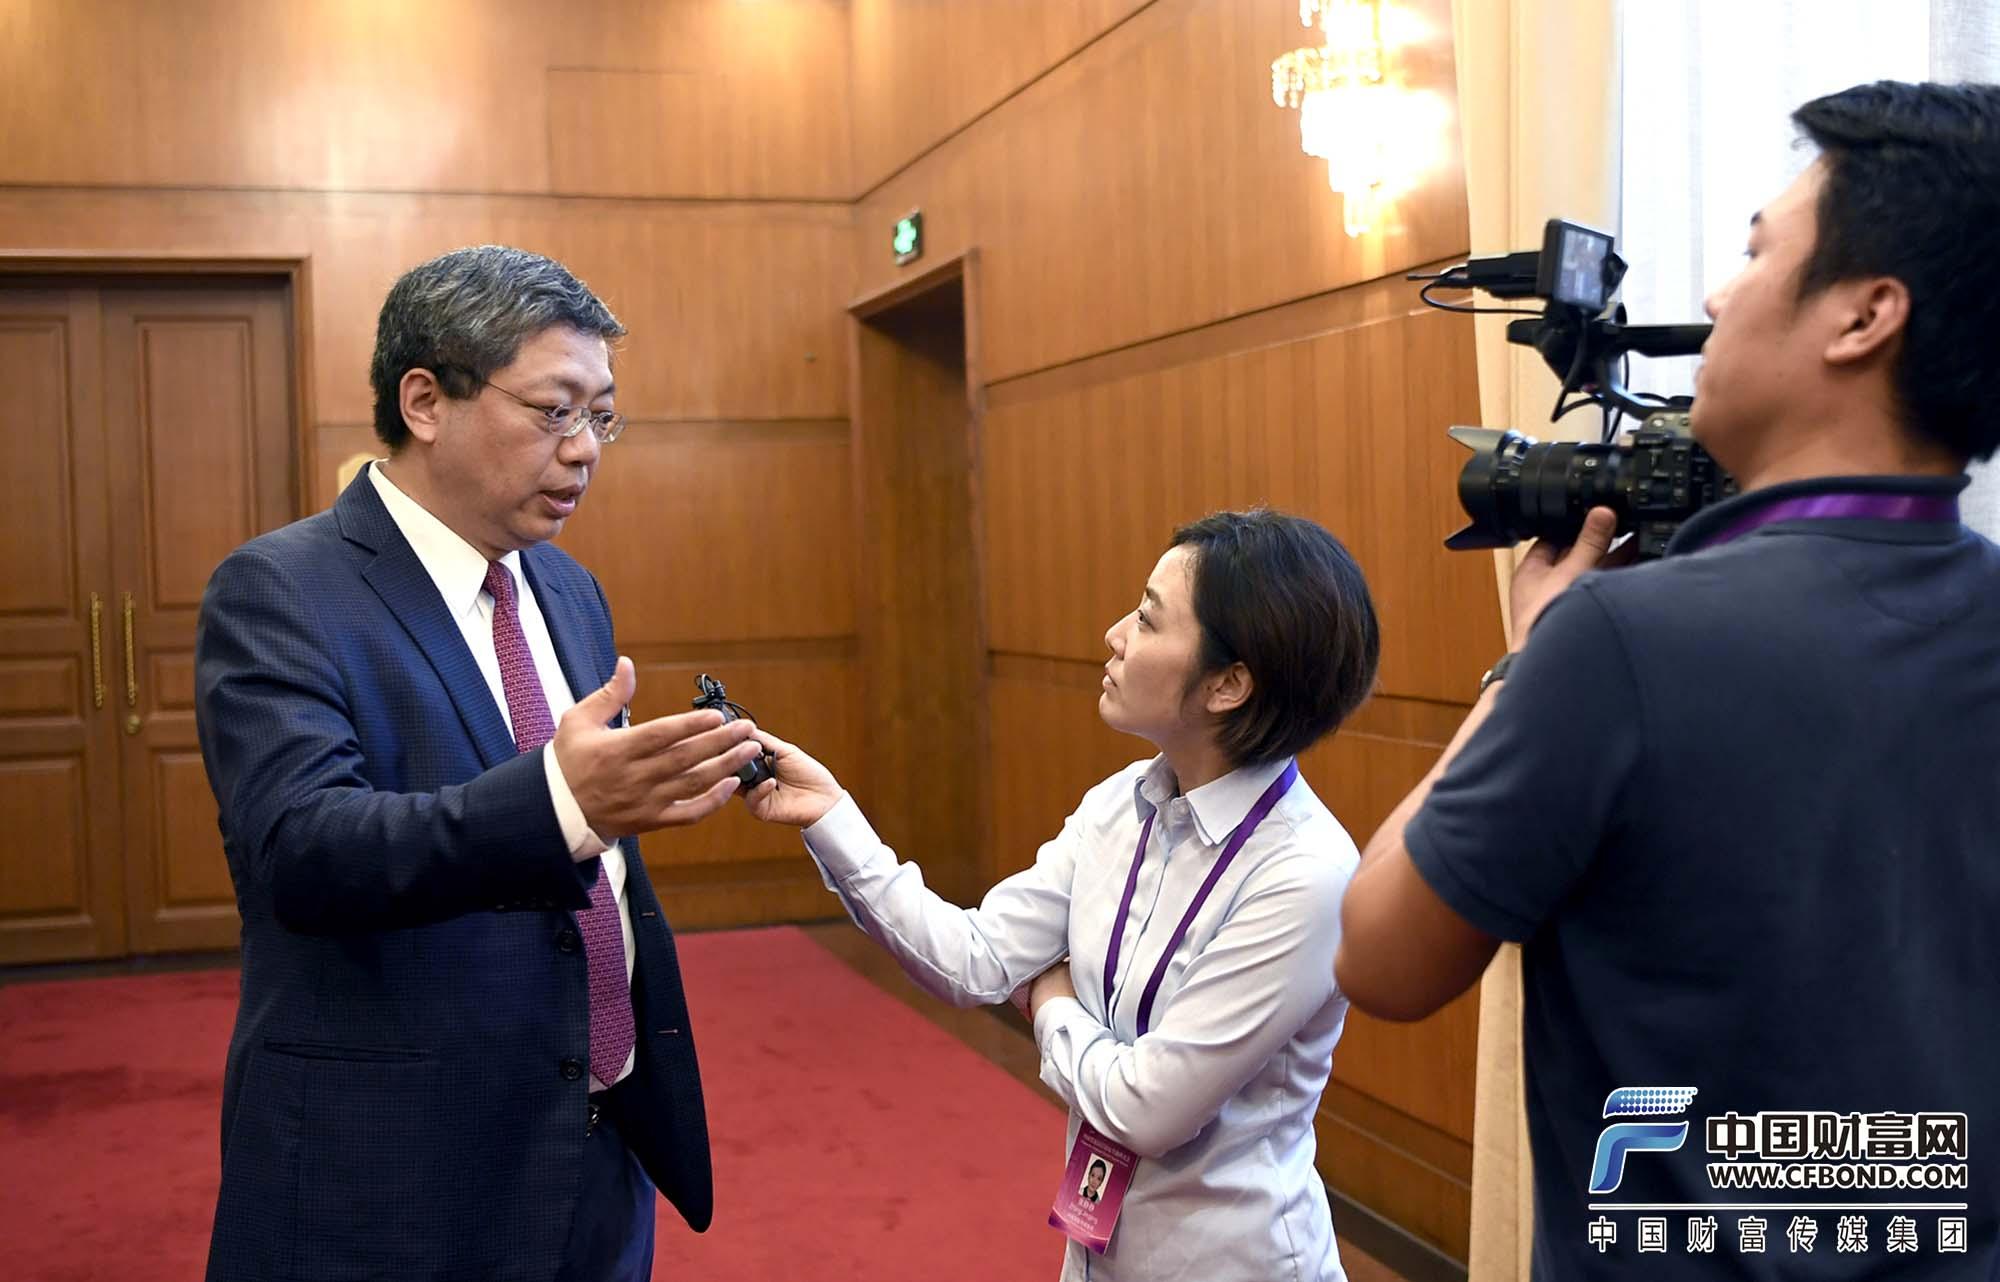 中国财富网记者张静静采访北京大学汇丰金融研究院执行院长,香港交易所董事总经理、首席中国经济学家巴曙松